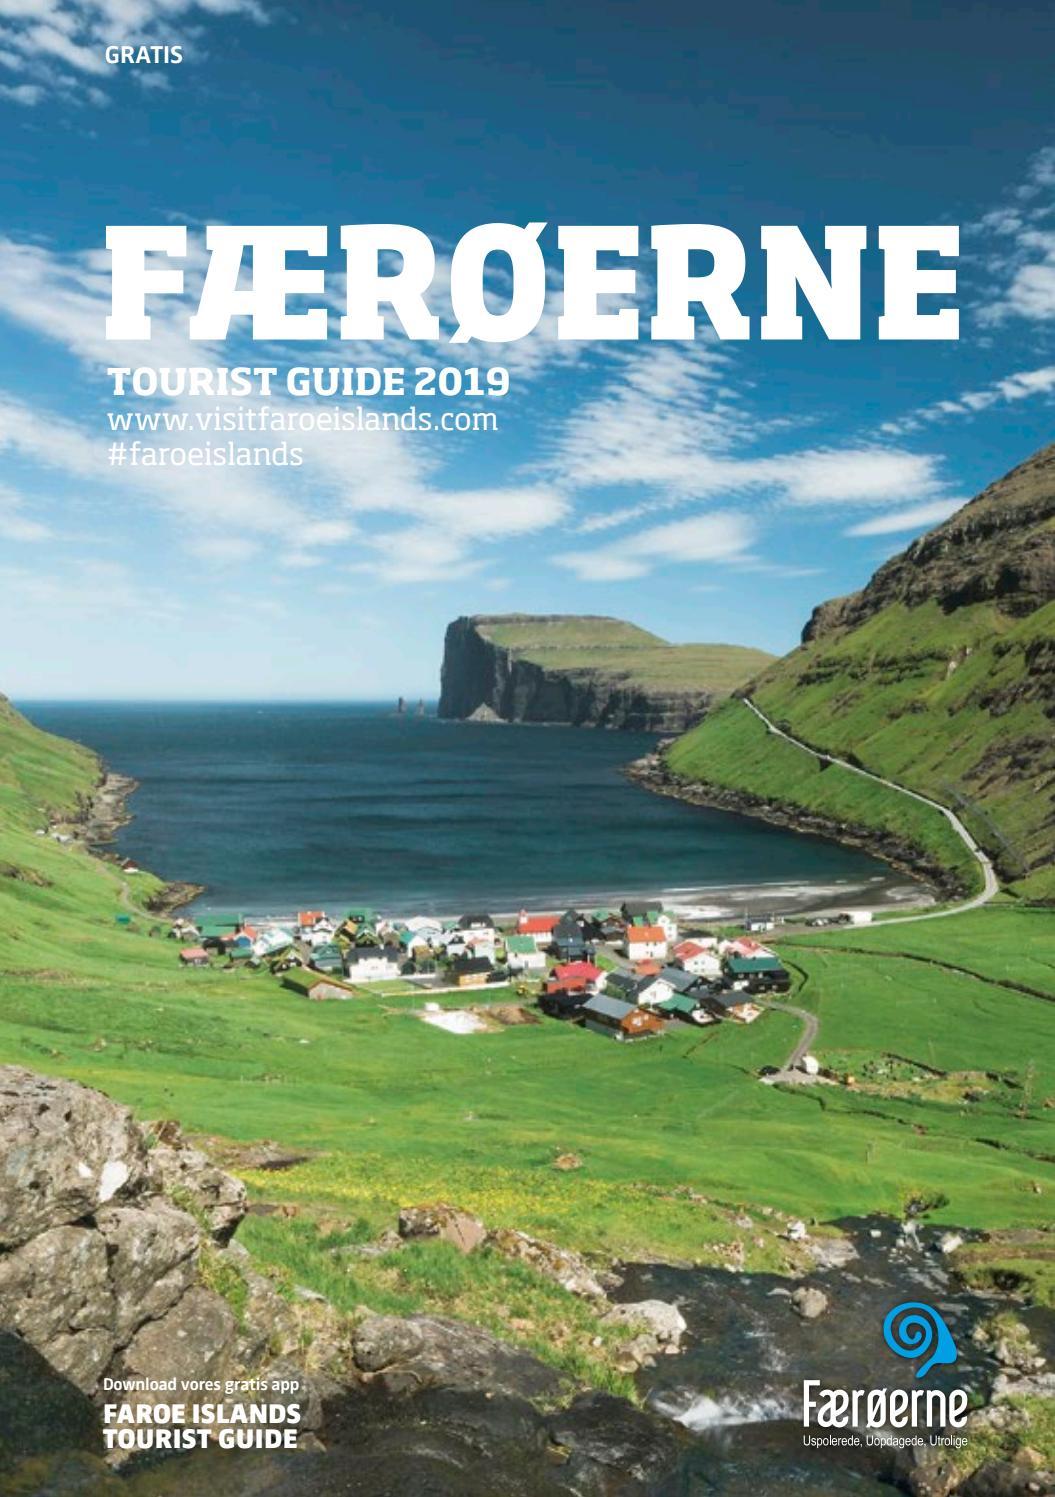 Faeroerne Tourist Guide 2019 By Visit Faroe Islands Issuu